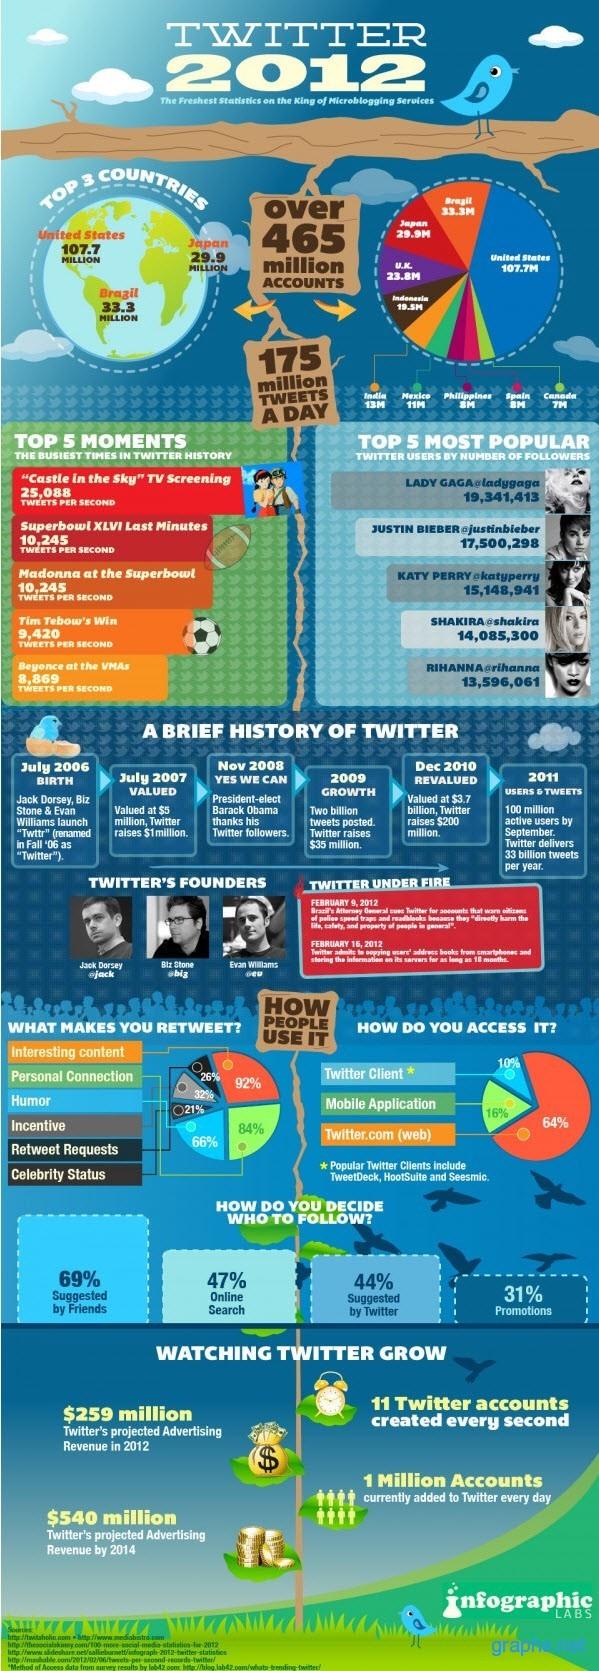 Twitter Statistics For 2012